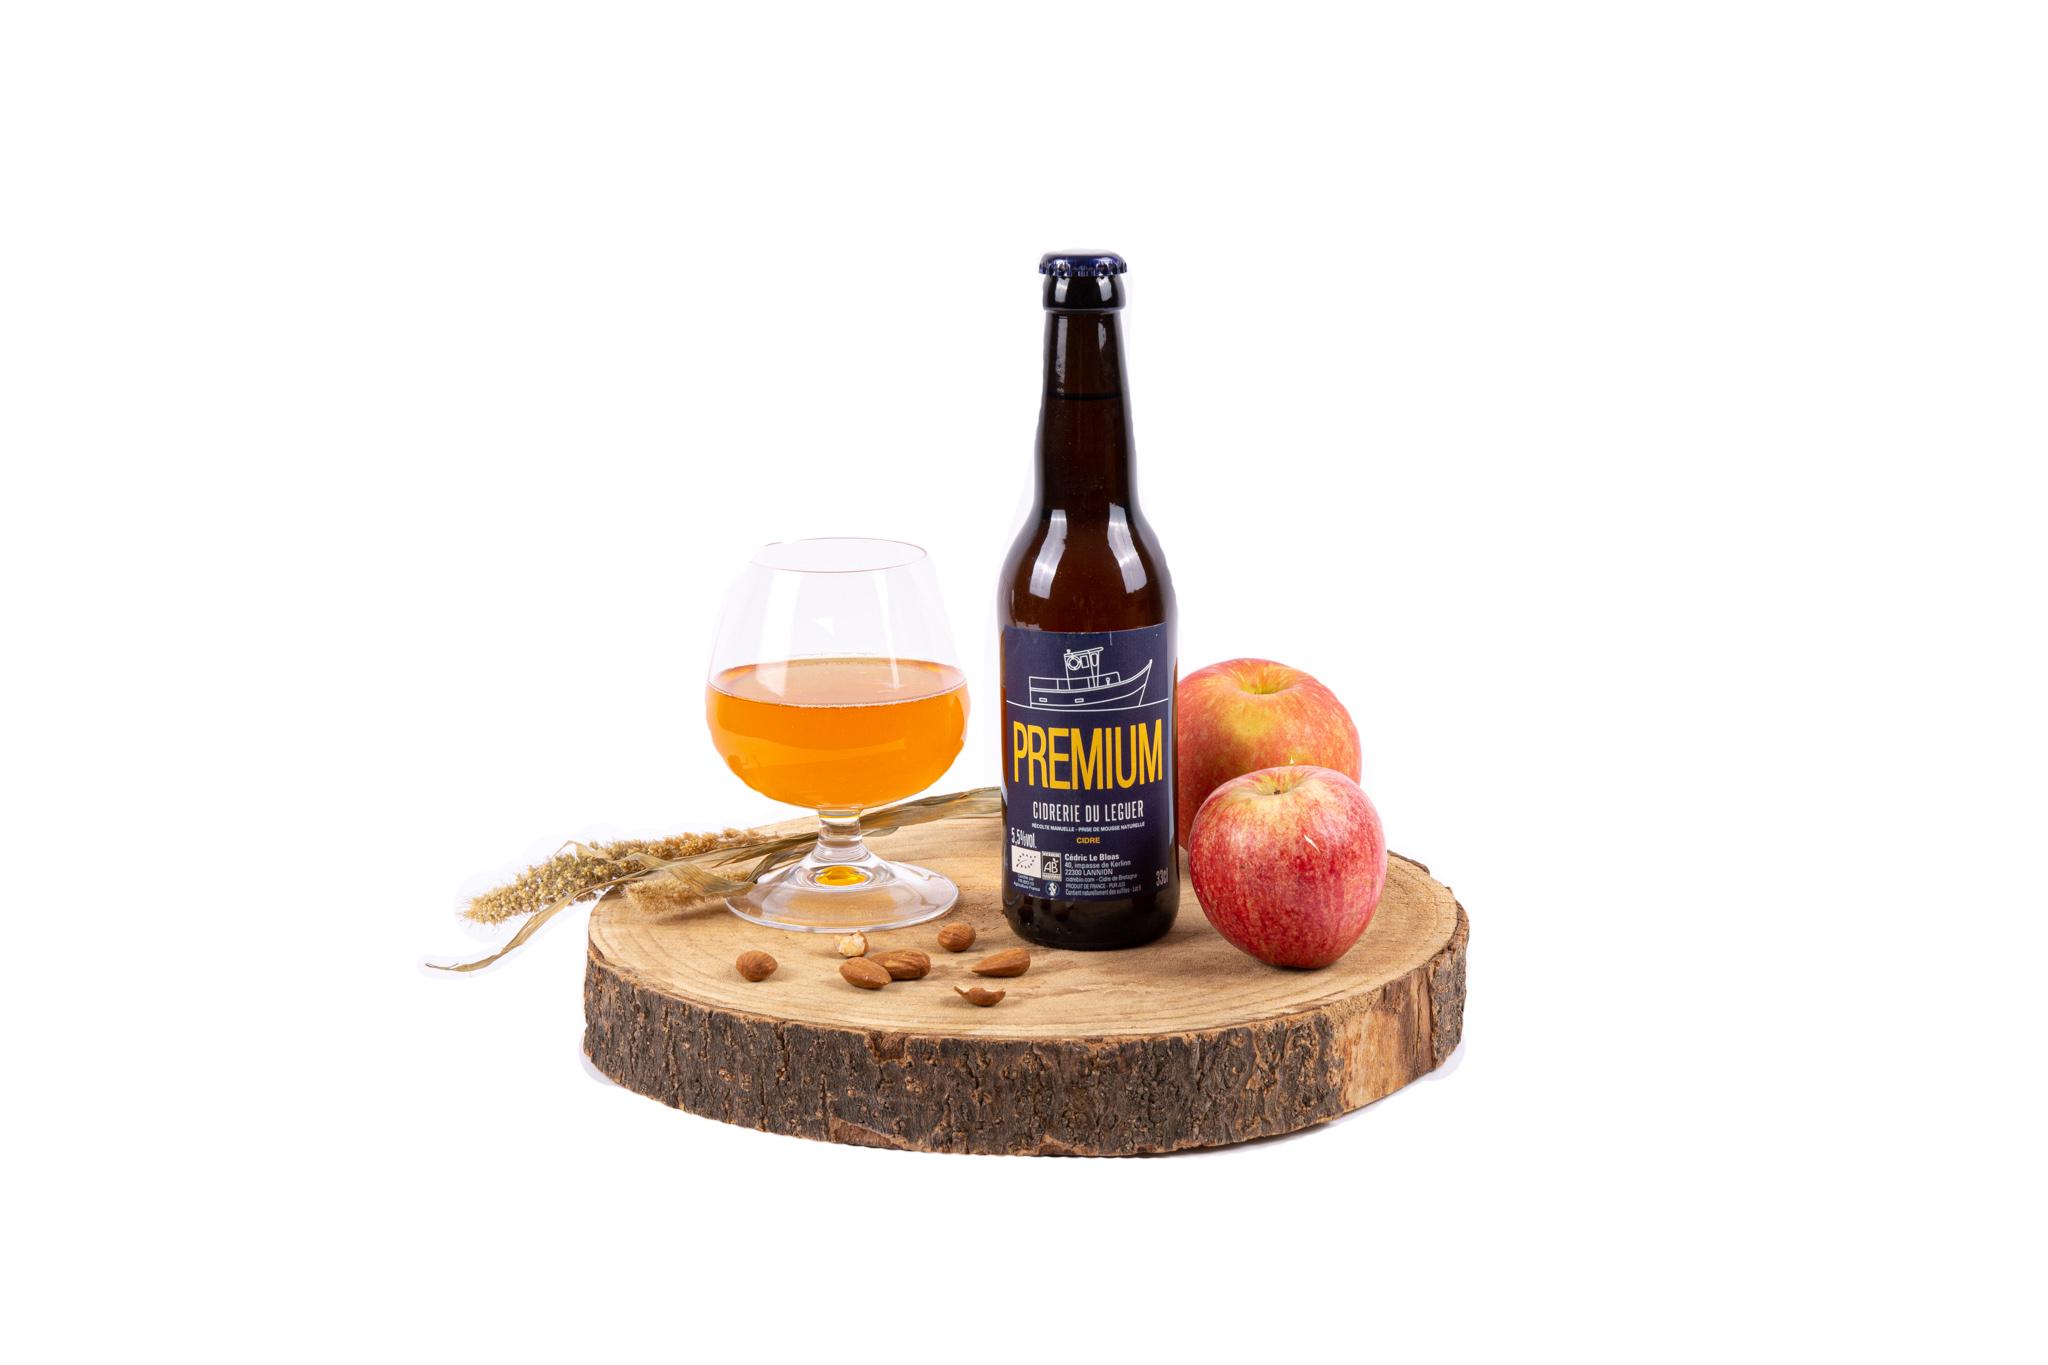 Cuvée Premium Cidre Bio abonnement box juillet 2020